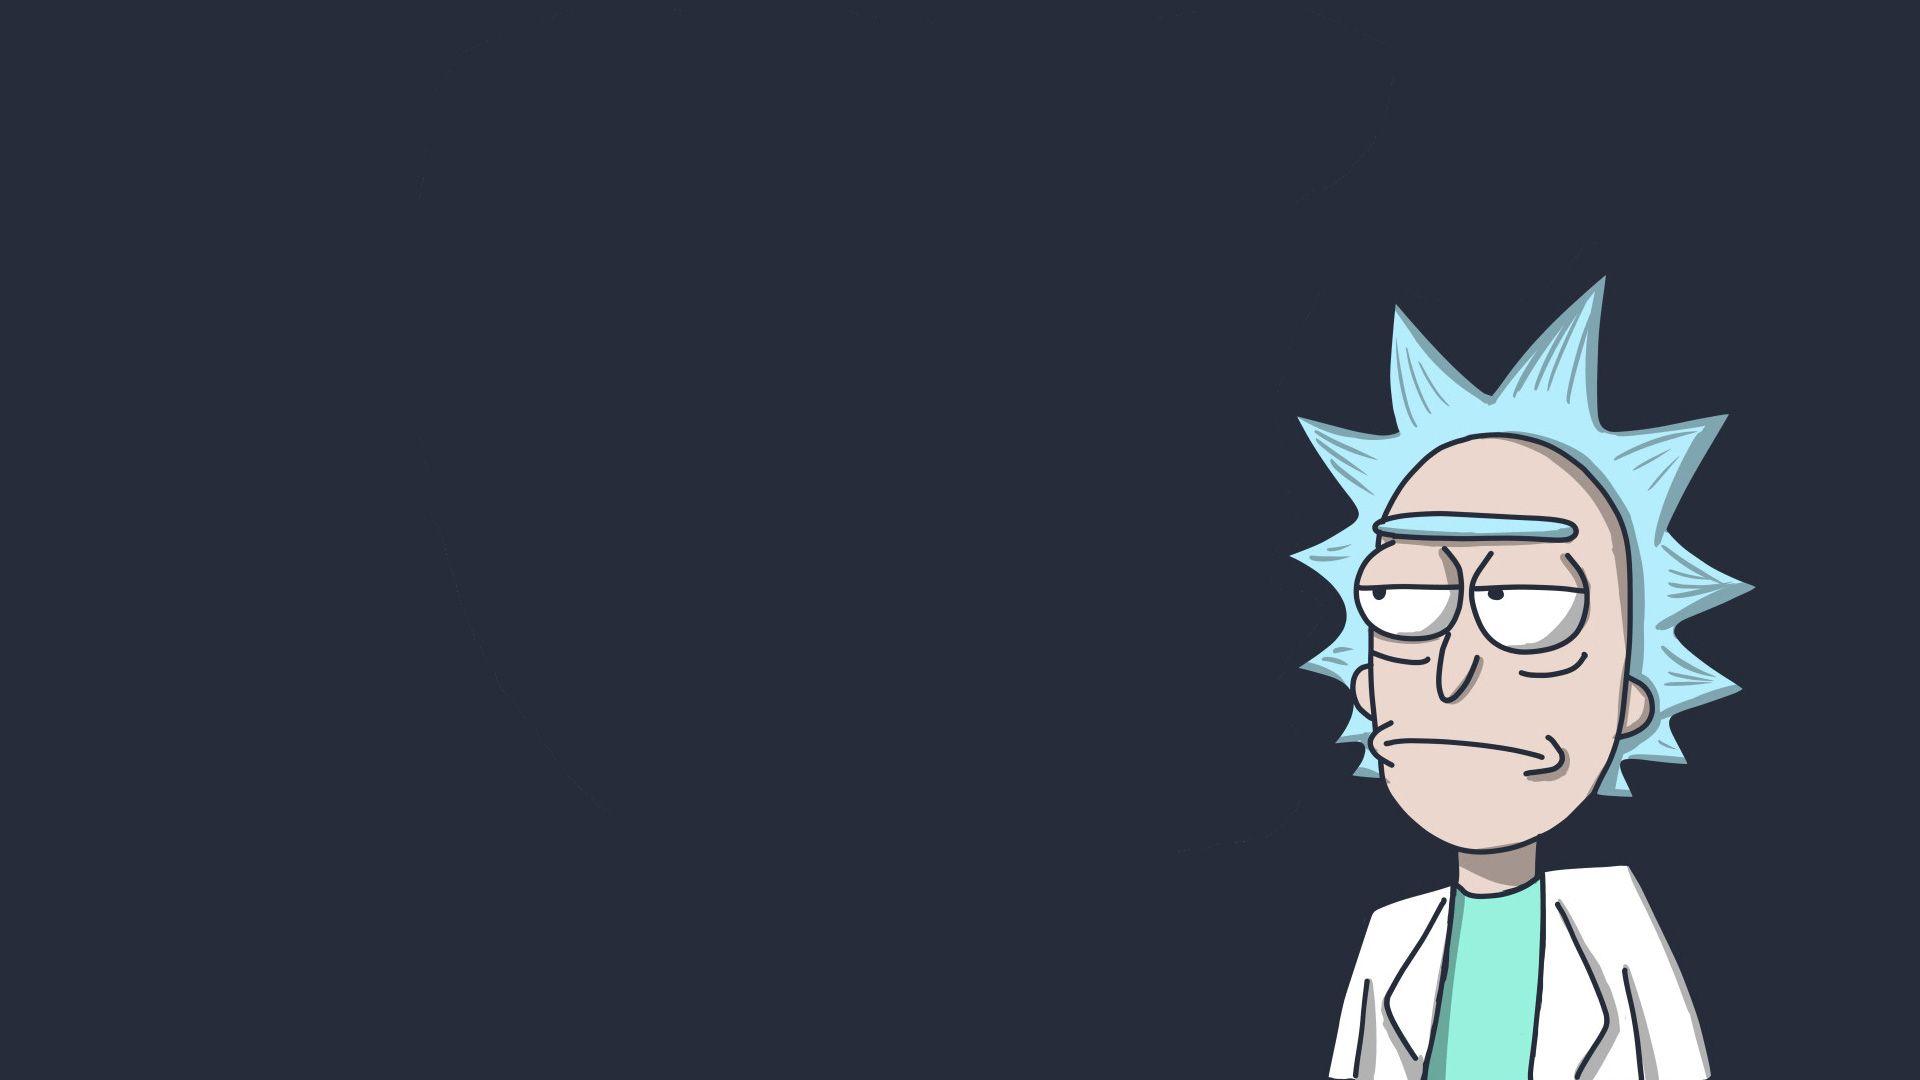 4k Rick And Morty Wallpaper Em 2020 Imagem De Fundo De Computador Papel De Parede Do Notebook Papel De Parede Computador